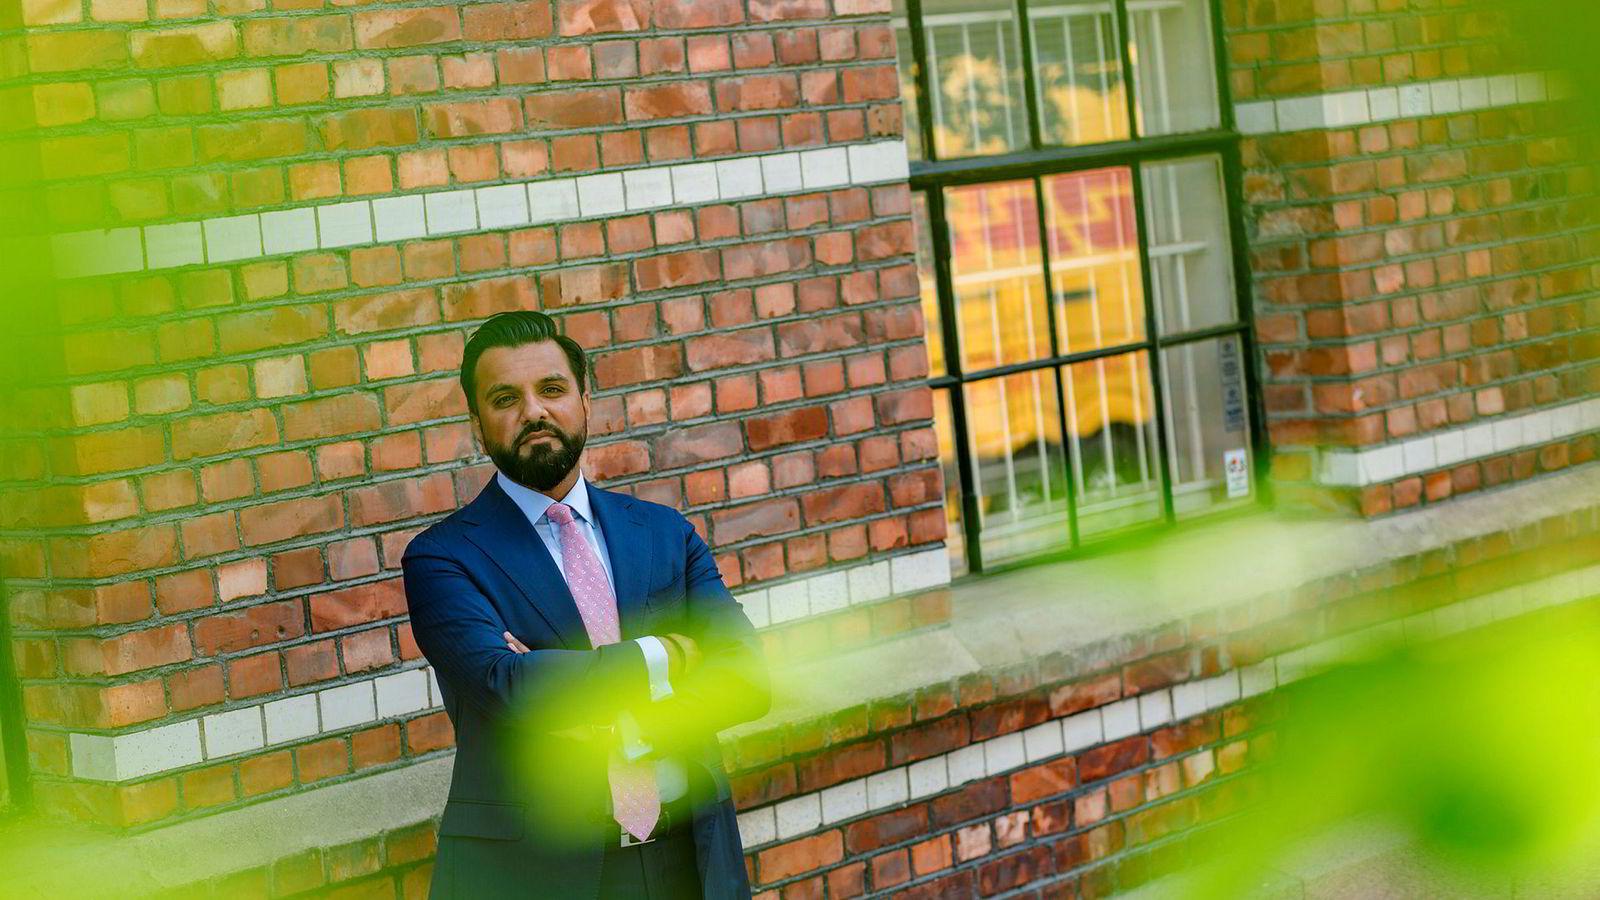 Mohammad Ali Rana i PA Consulting Group synes det er trist at det er så få flerkulturelle nordmenn i lederposisjon.